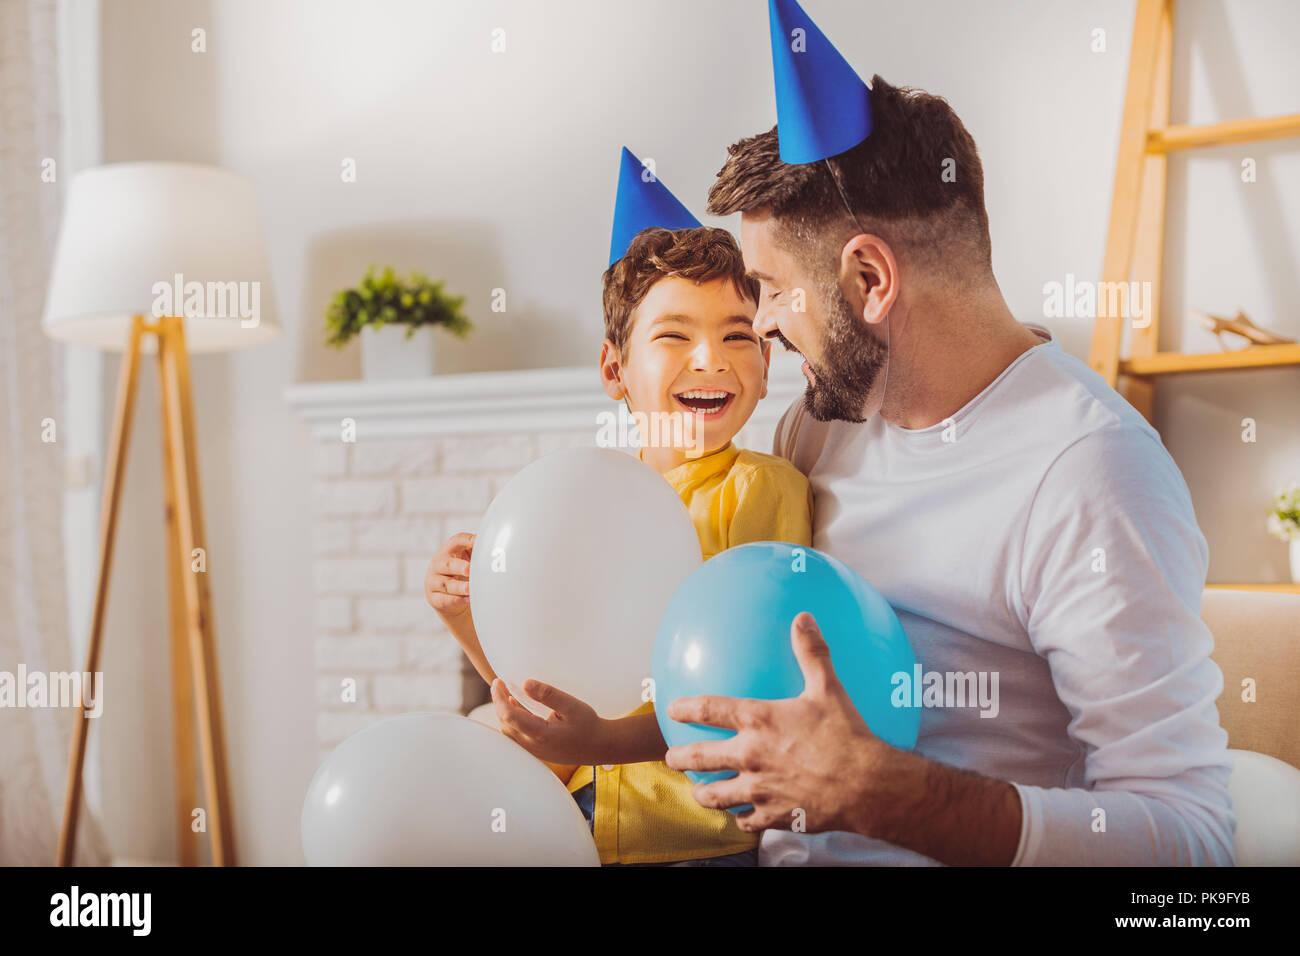 Joyeux garçon charmant et l'homme s'amuser avec des ballons Photo Stock